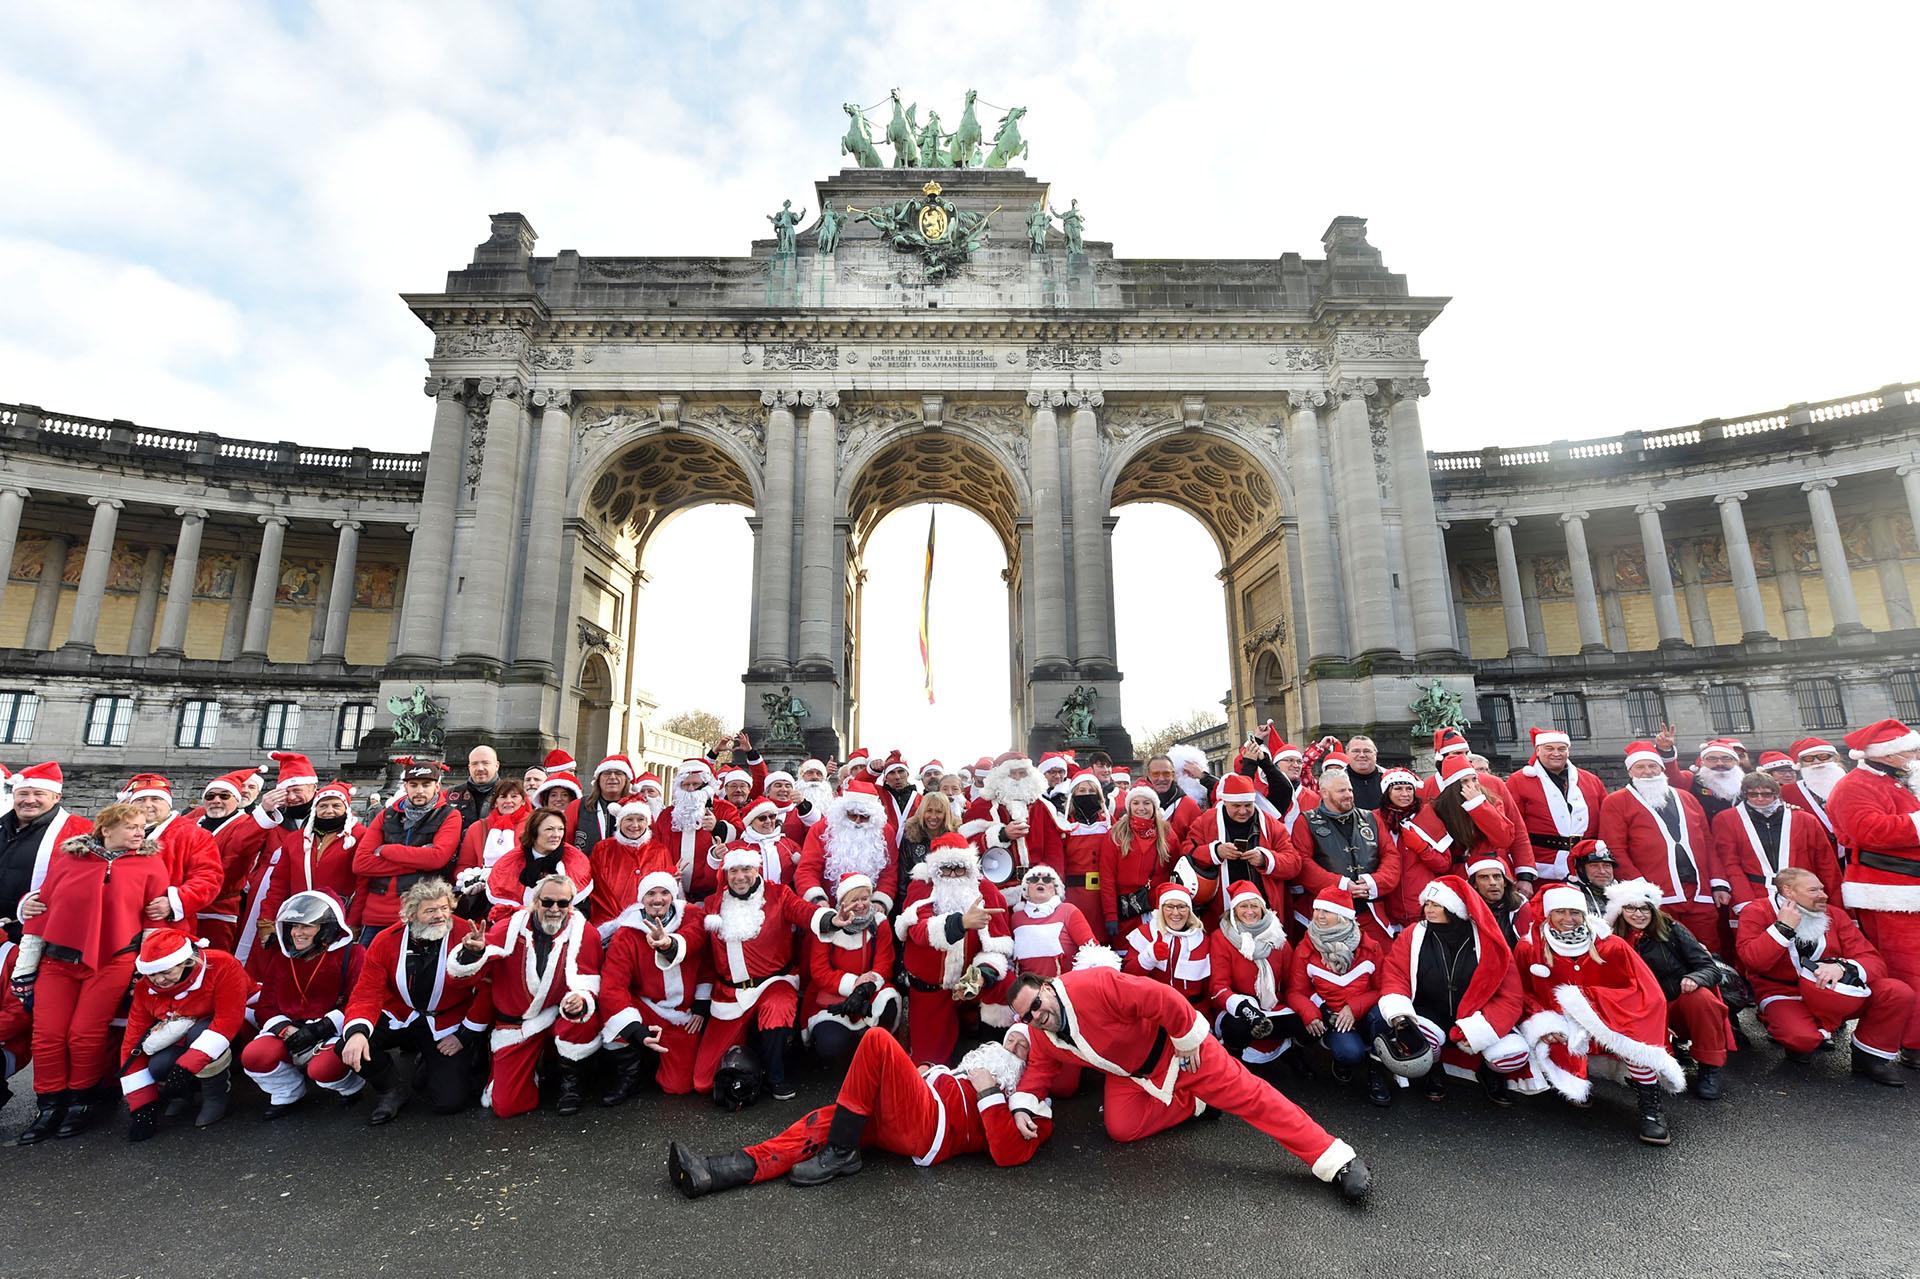 Más de cien motociclistas de Harley Davidson vestidos de Santa Claus se reúnen en el Parc du Cinquantenaire en Bruselas, Bélgica, el 17 de diciembre de 2017. (Reuters)